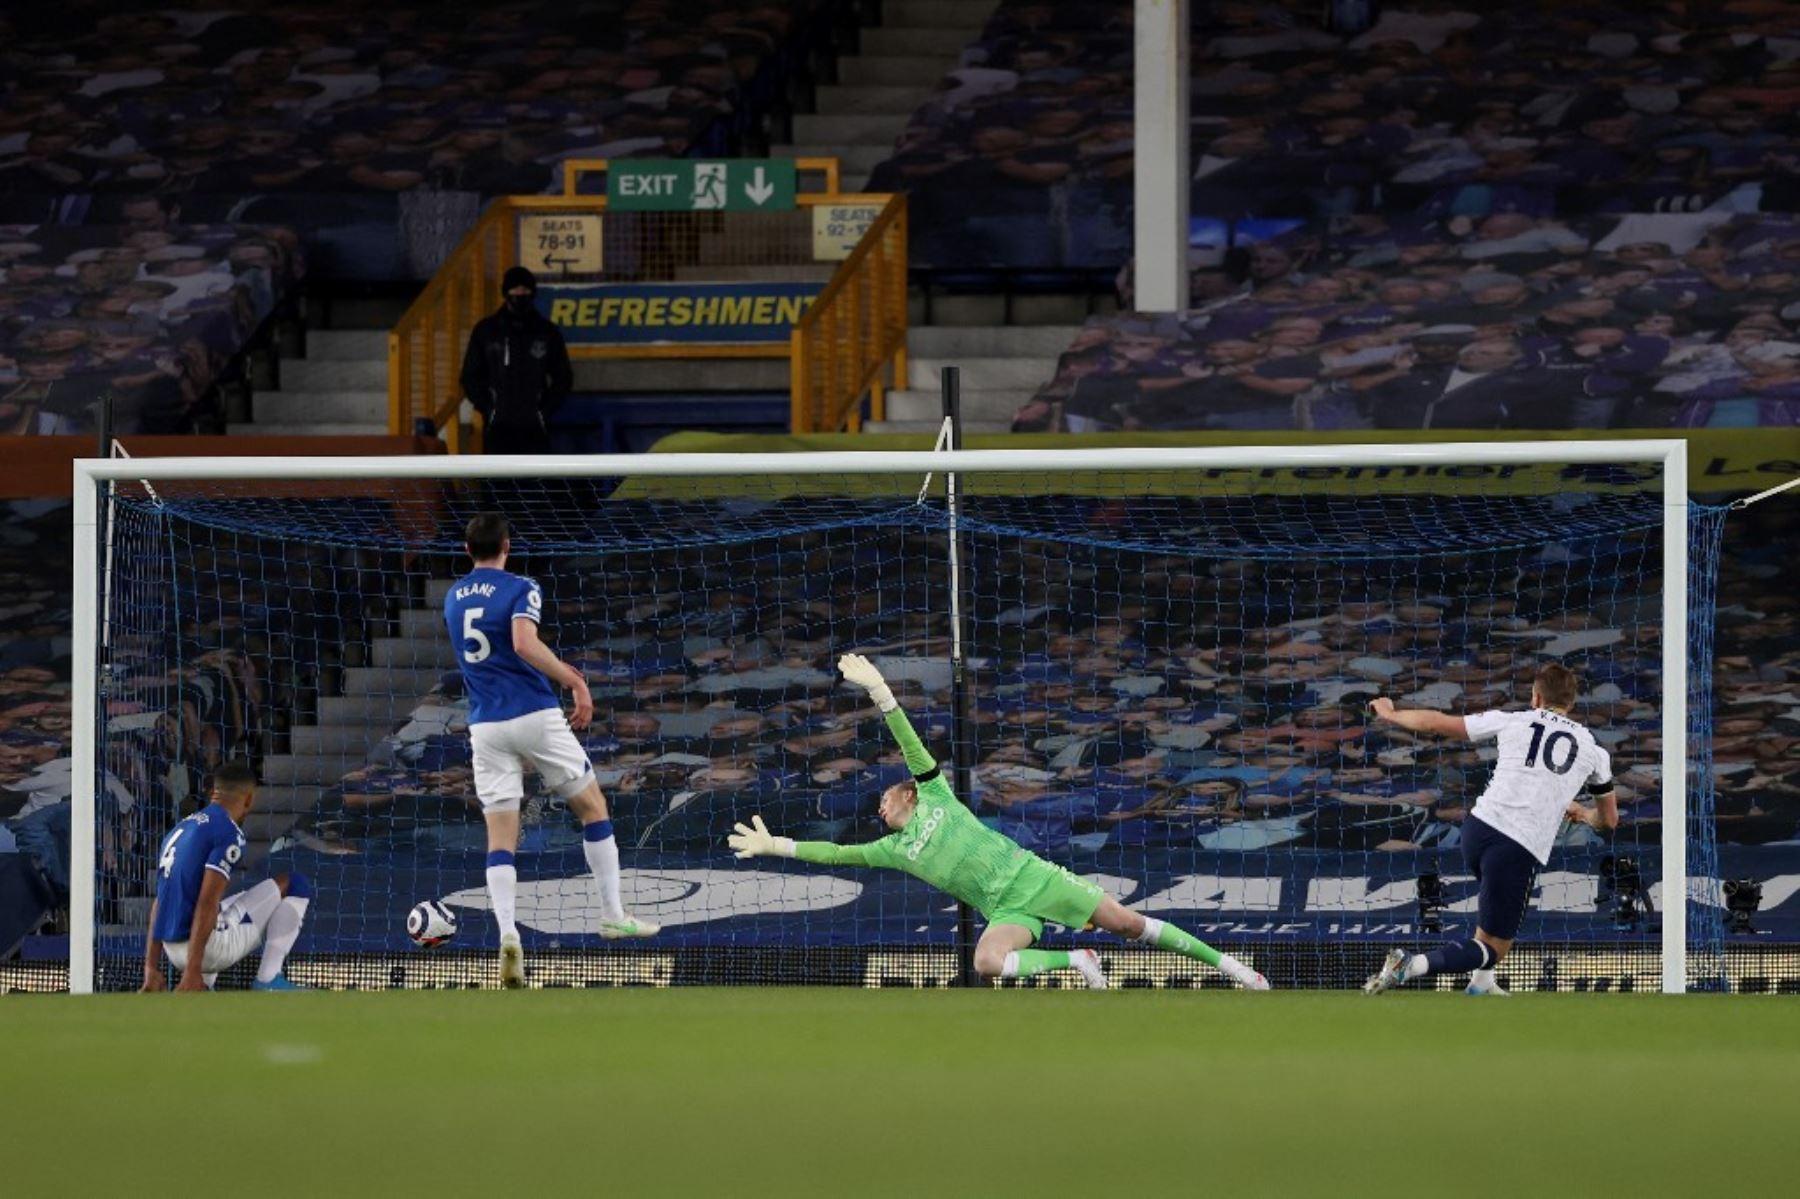 El delantero inglés del Tottenham Hotspur Harry Kane (R) anota el gol de apertura durante el partido de fútbol de la Premier League inglesa entre el Everton y el Tottenham Hotspur en Goodison Park en Liverpool. Foto: AFP